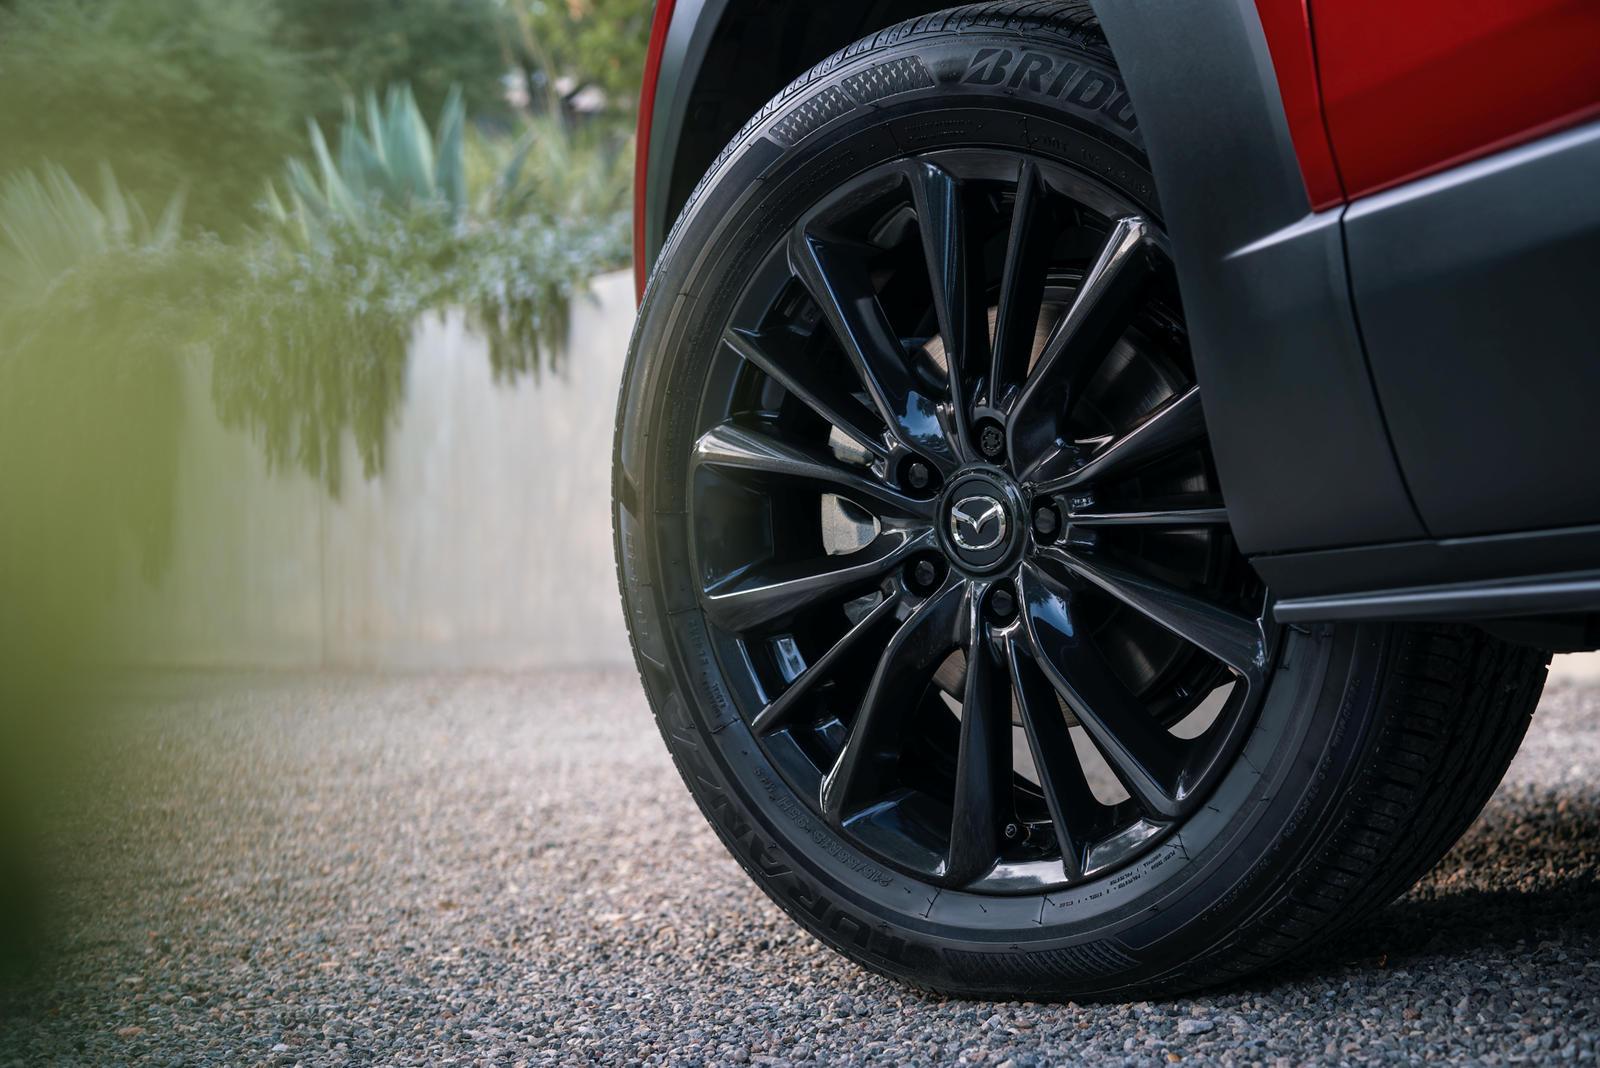 Можно предположить, высокая стоимость сделает эти колеса BBS довольно редким вариантом для CX-30. Эти колеса также доступны на Mazda3 Turbo по той же цене. Mazda MX-5 Miata также предлагает более агрессивные колеса BBS на модели Club за 340 000 рубле